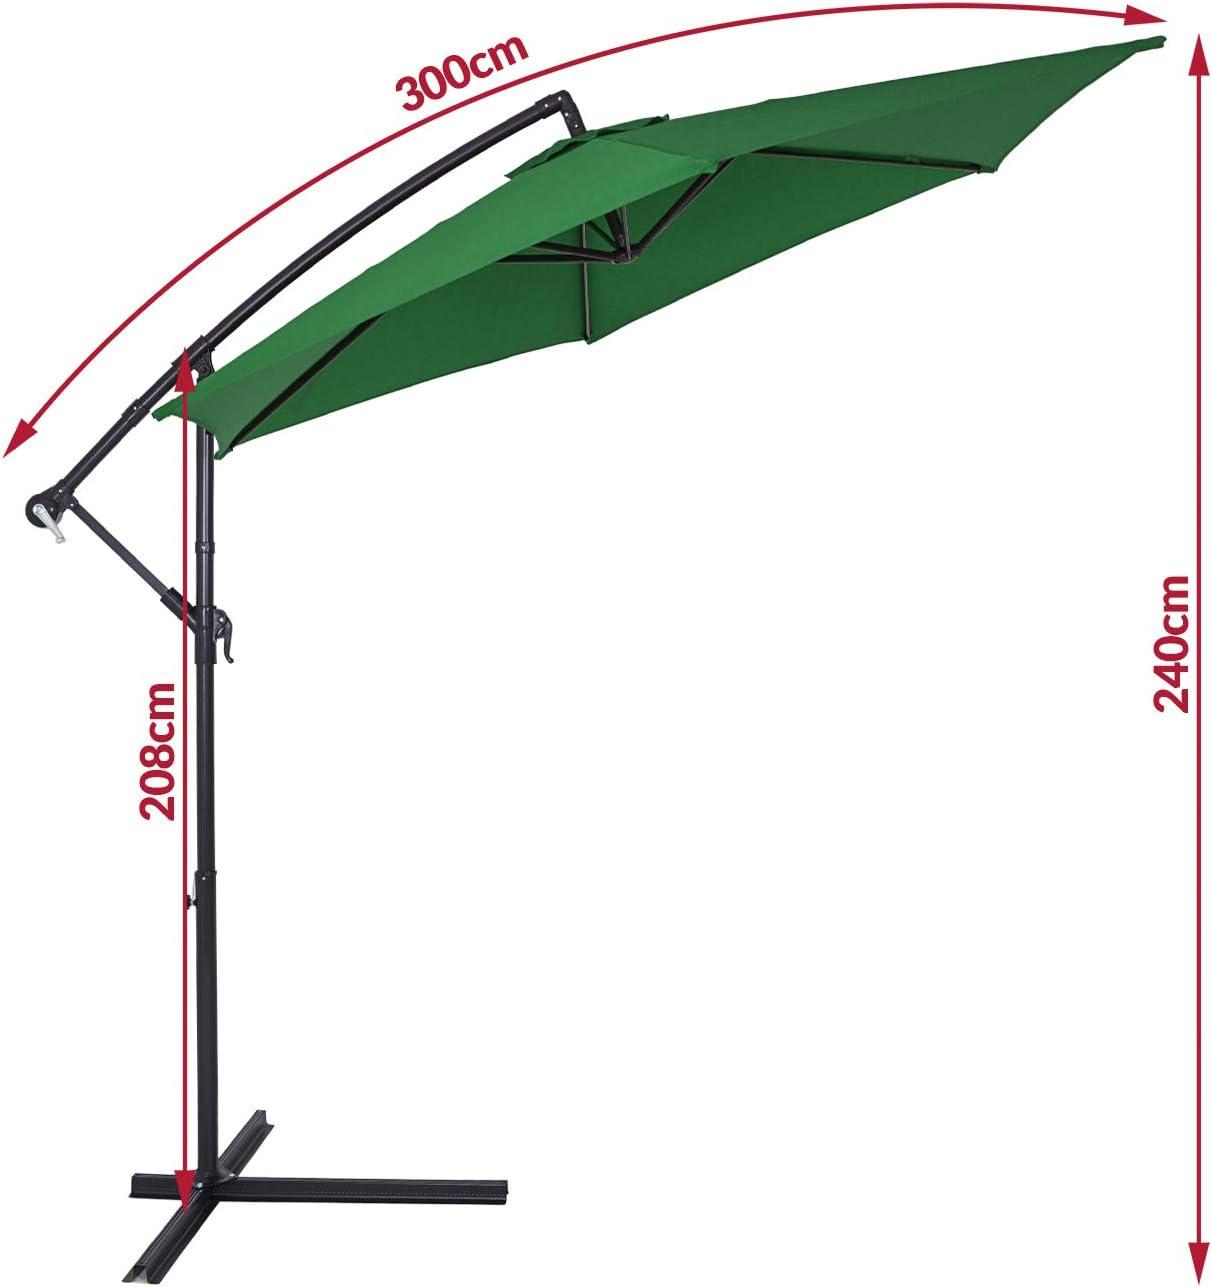 300cm, green Banana Outdoor Patio Umbrella Deuba Garden Sun Parasol /Ø 300cm or 330cm Sun Shade Hanging Cantilever Crank UV Protection 40